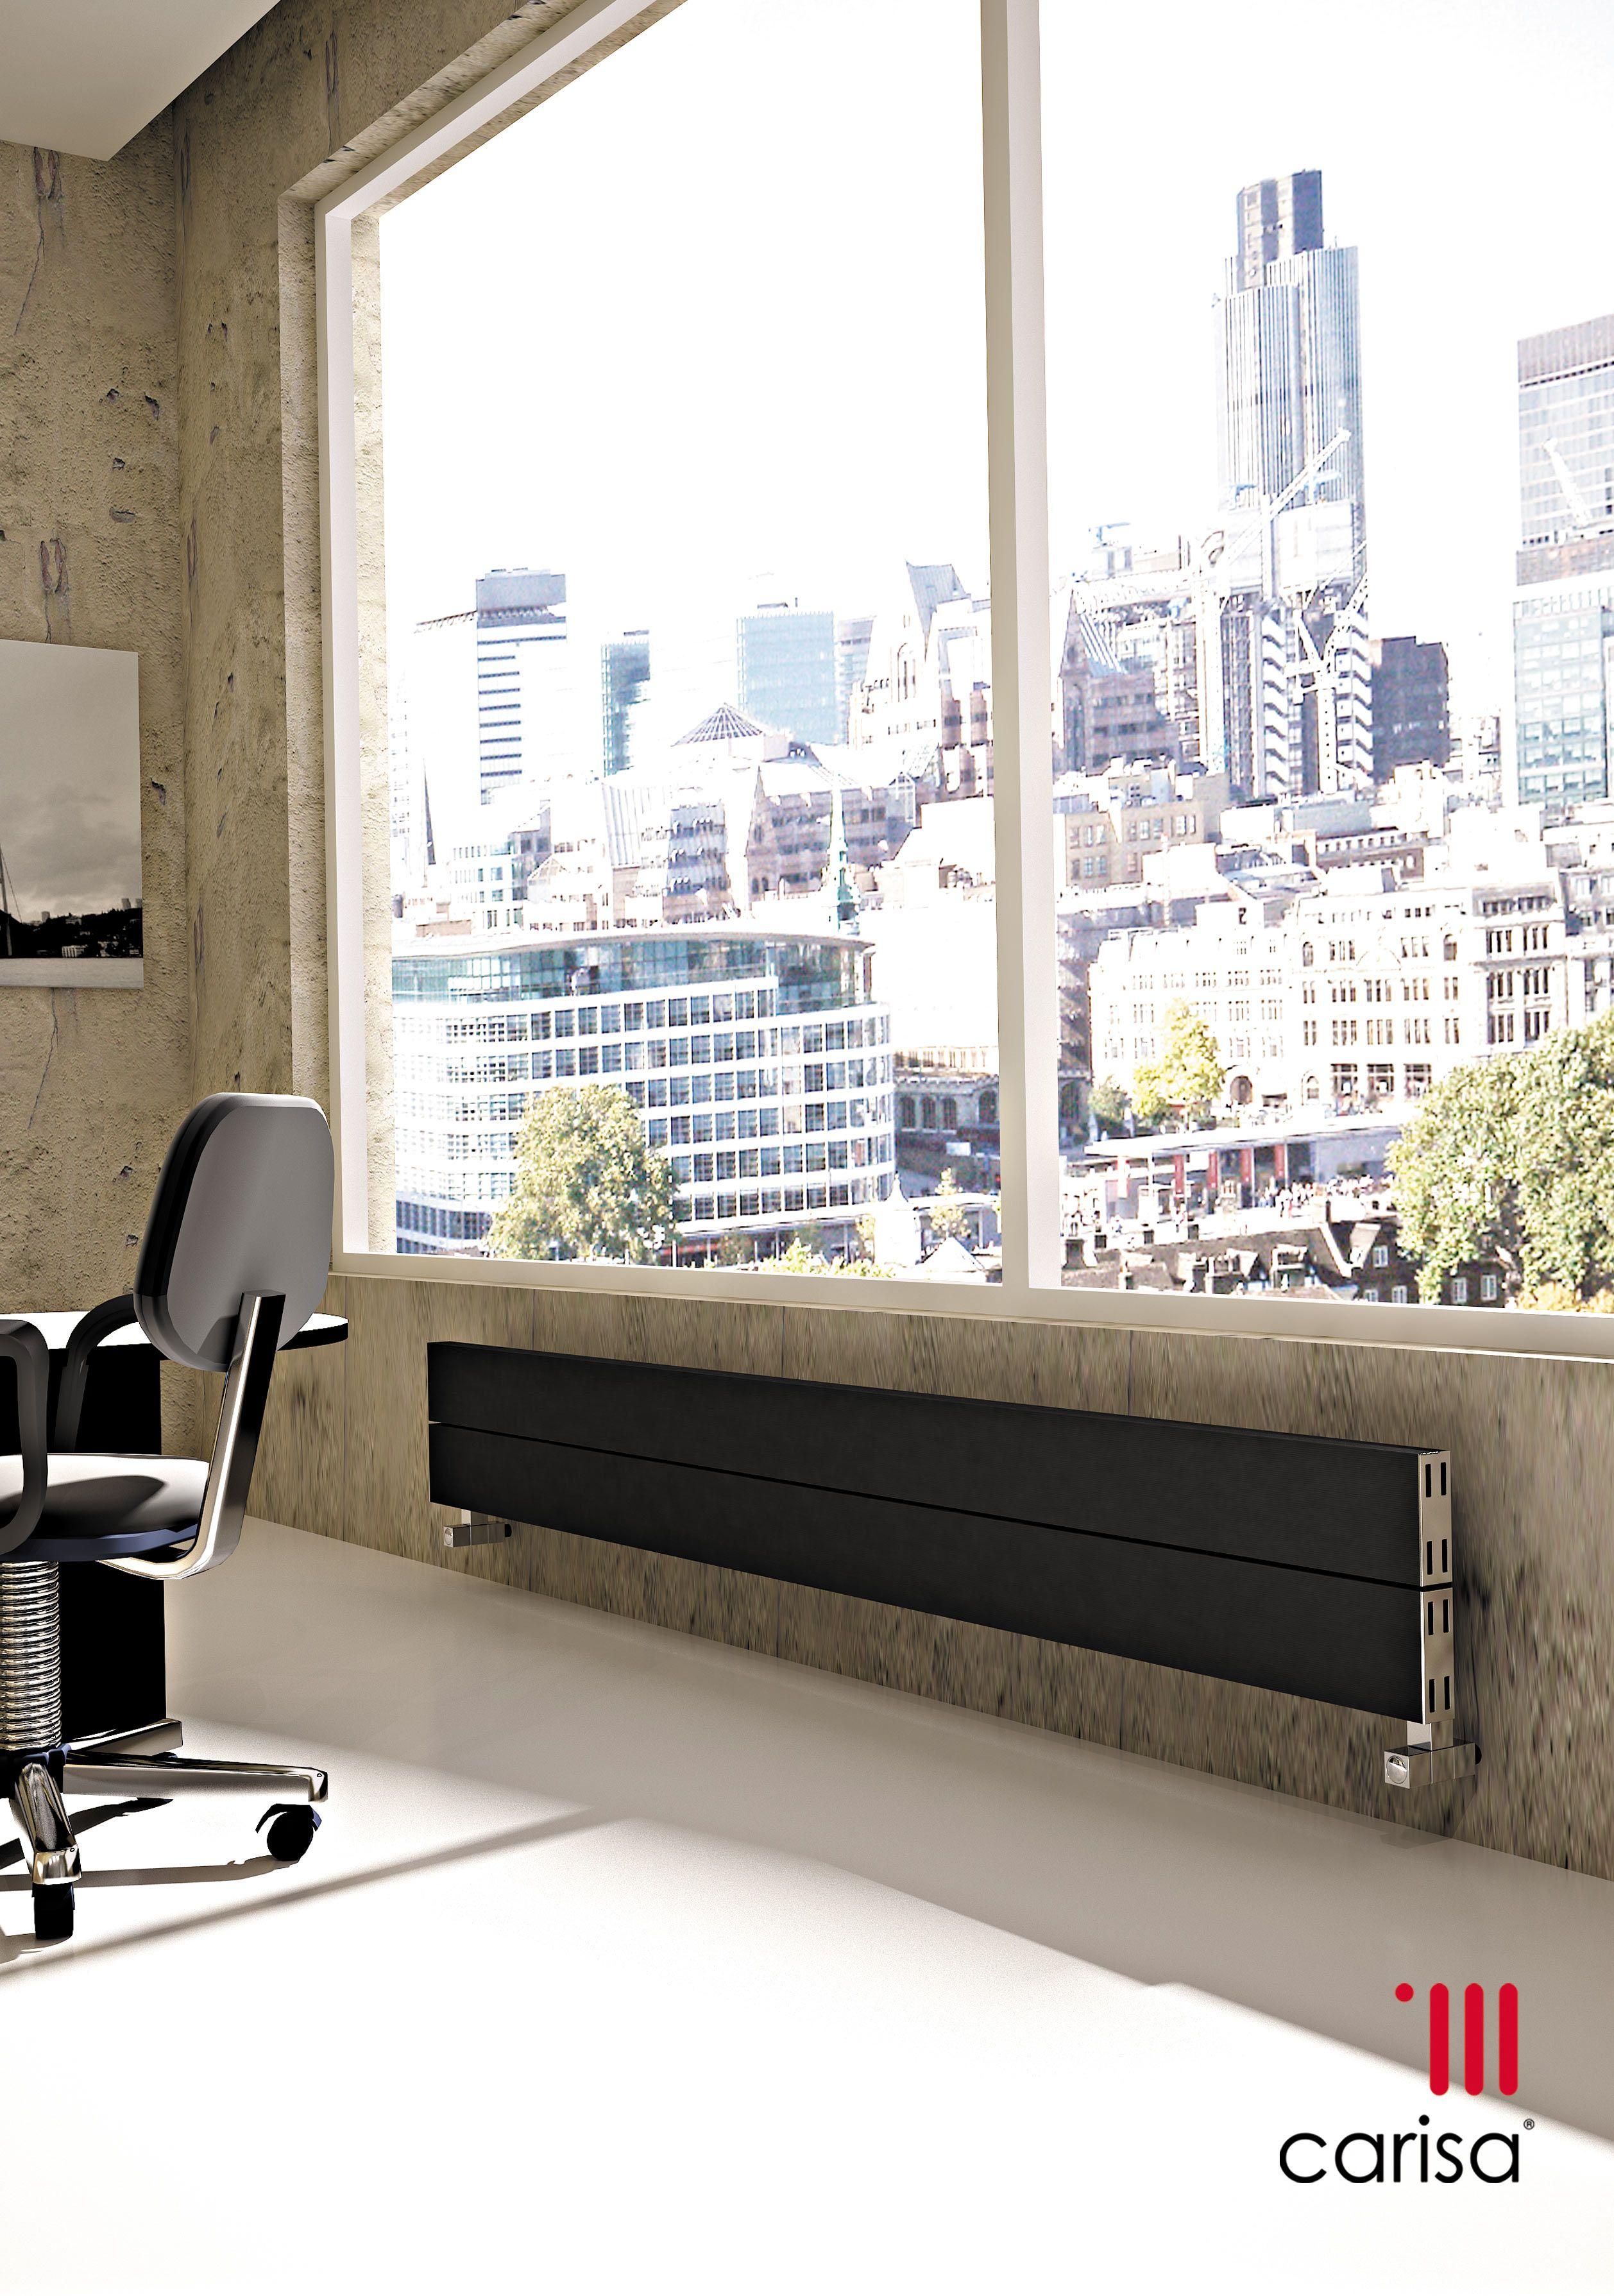 Pencere Altlari Icin Ideal Bir Yatay Aluminyum Radyatoru Yatay Petekleri Ile Dikkat Cekiyor Olagandisi Gorunumu Alisilagelmis Mo Tasarim Evler Tasarim Evler